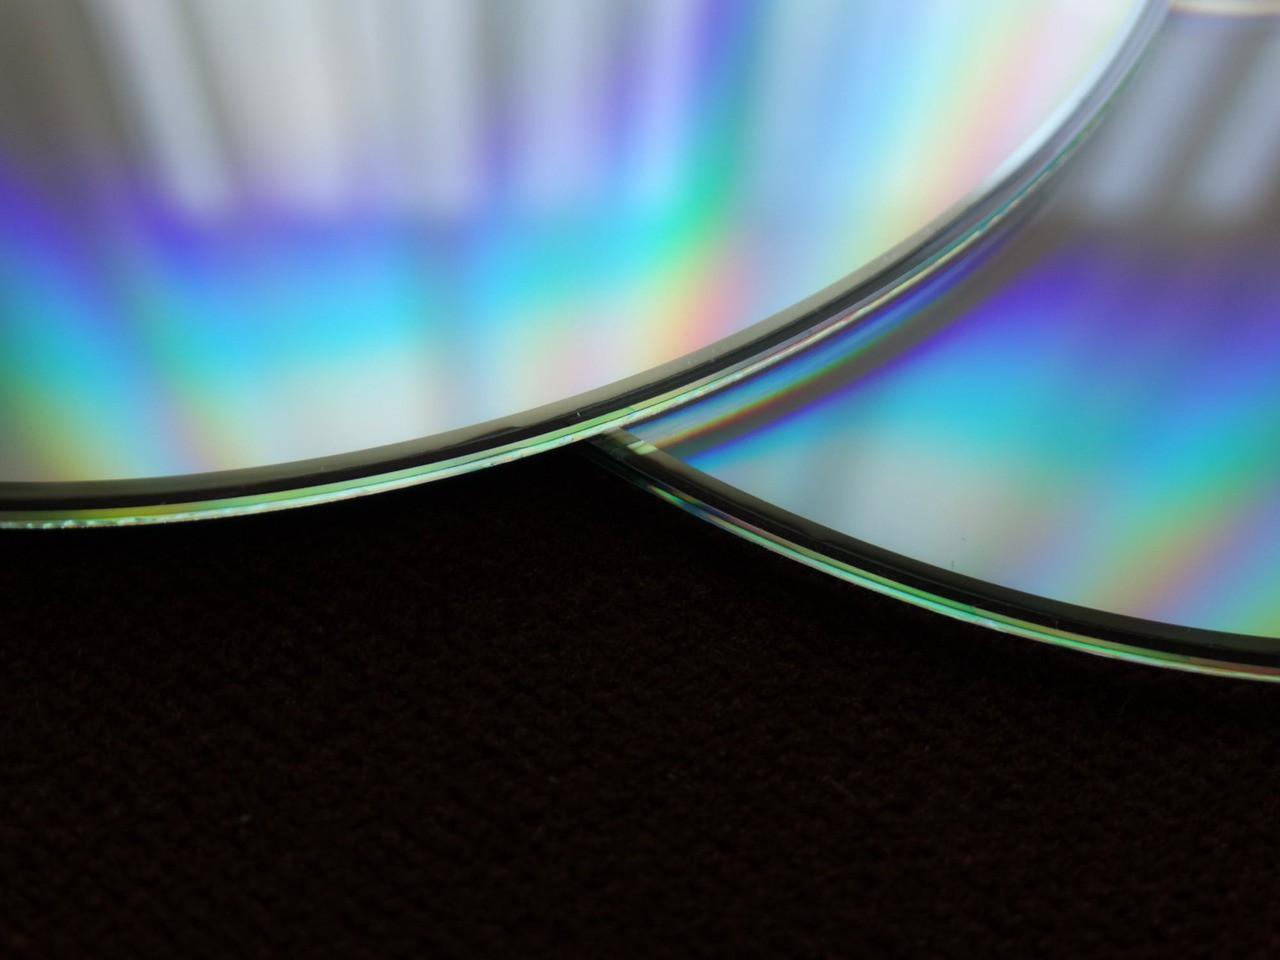 Cd dvd disk floppy disk 51346